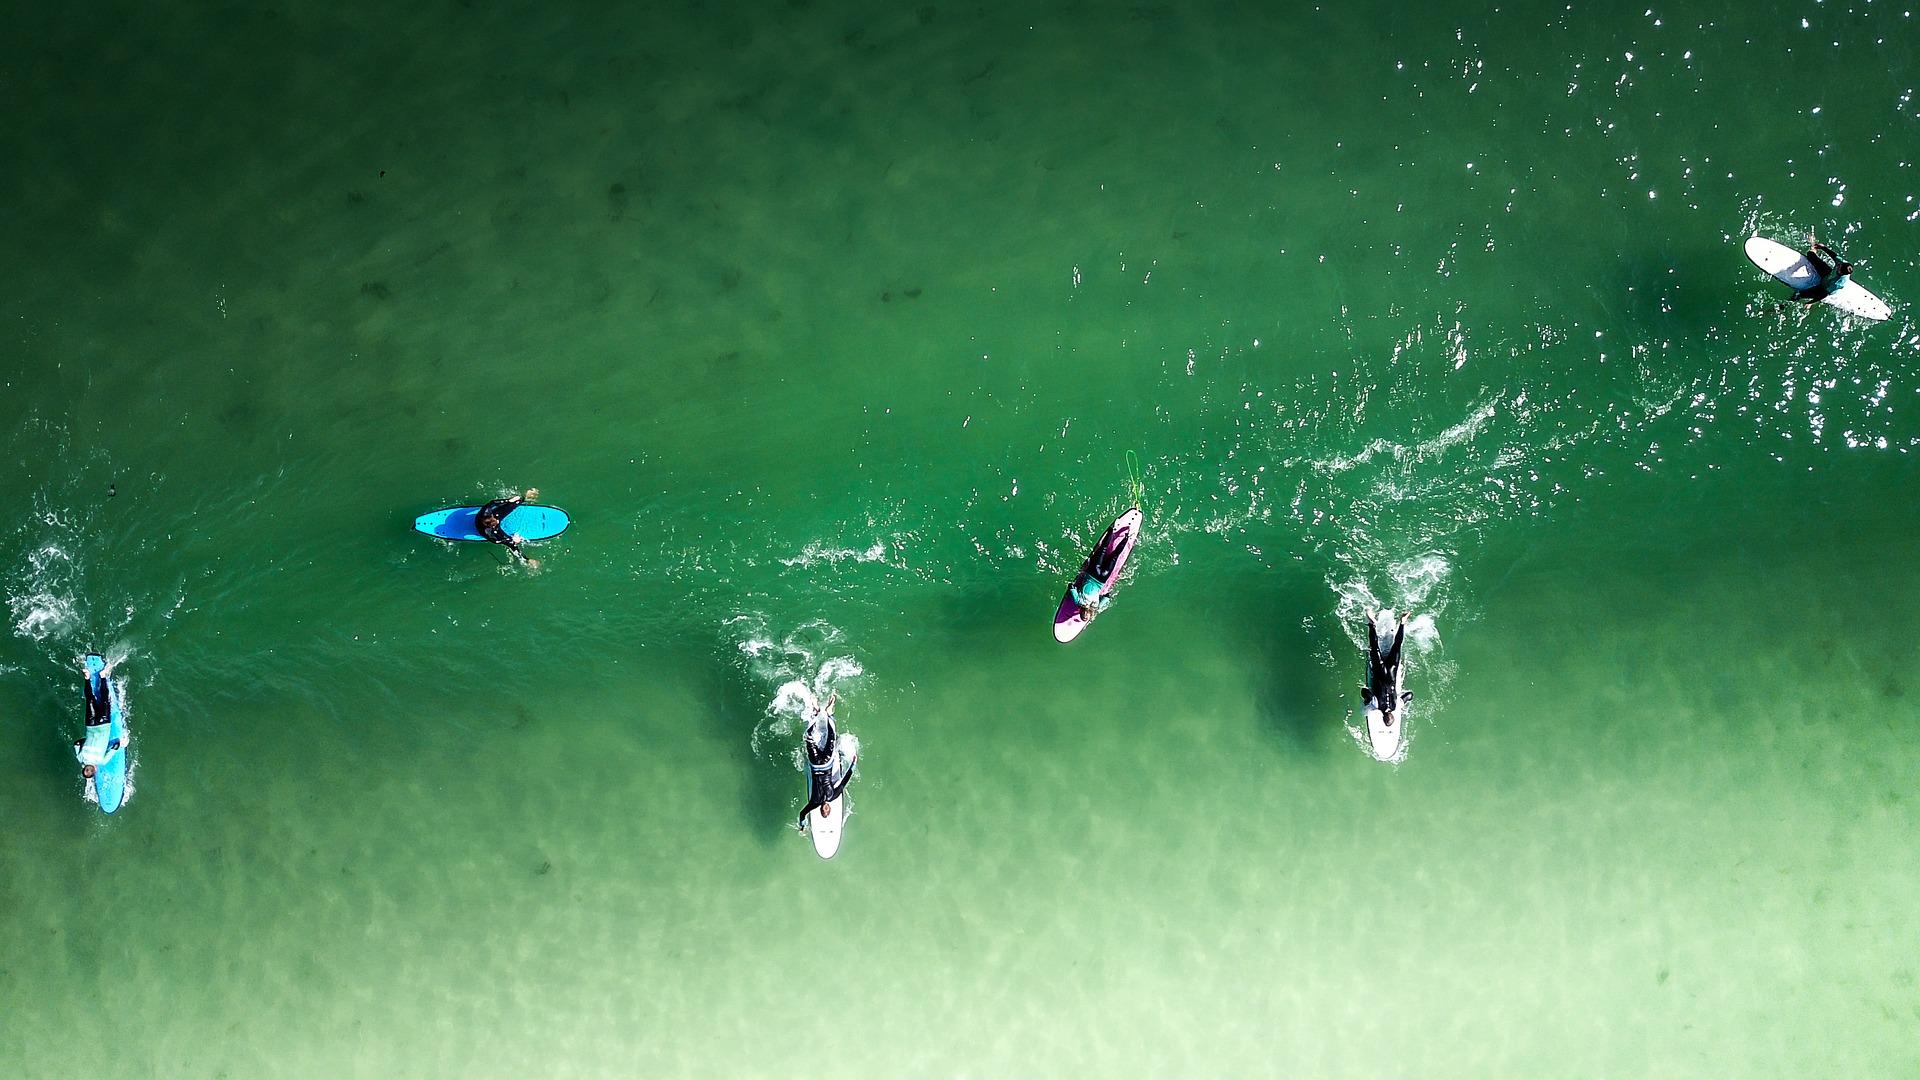 2f40f151 hawaii watersports - ハワイの海を楽しむ!ハワイの海を満喫できるウォーターアクティビティー10選